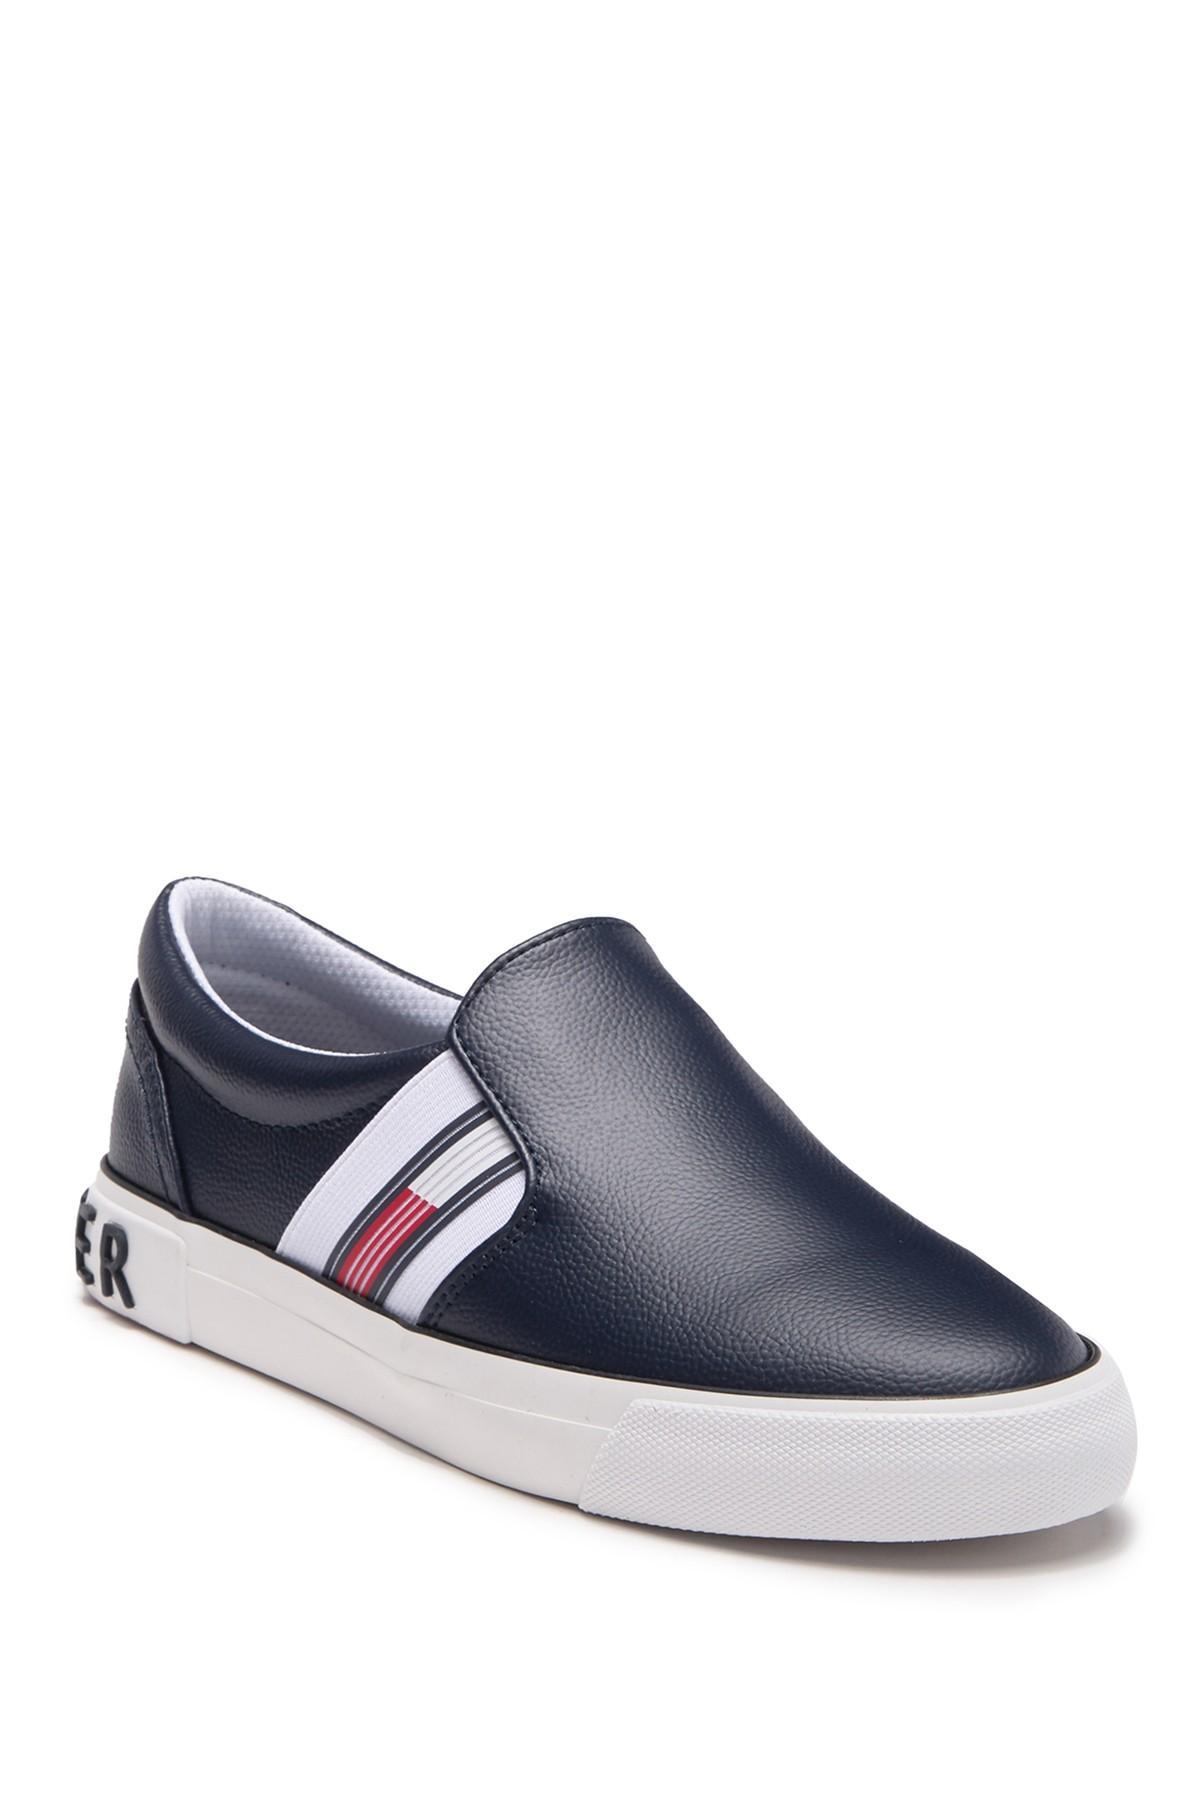 Tommy Hilfiger Fin 2 Slip-on Sneaker in